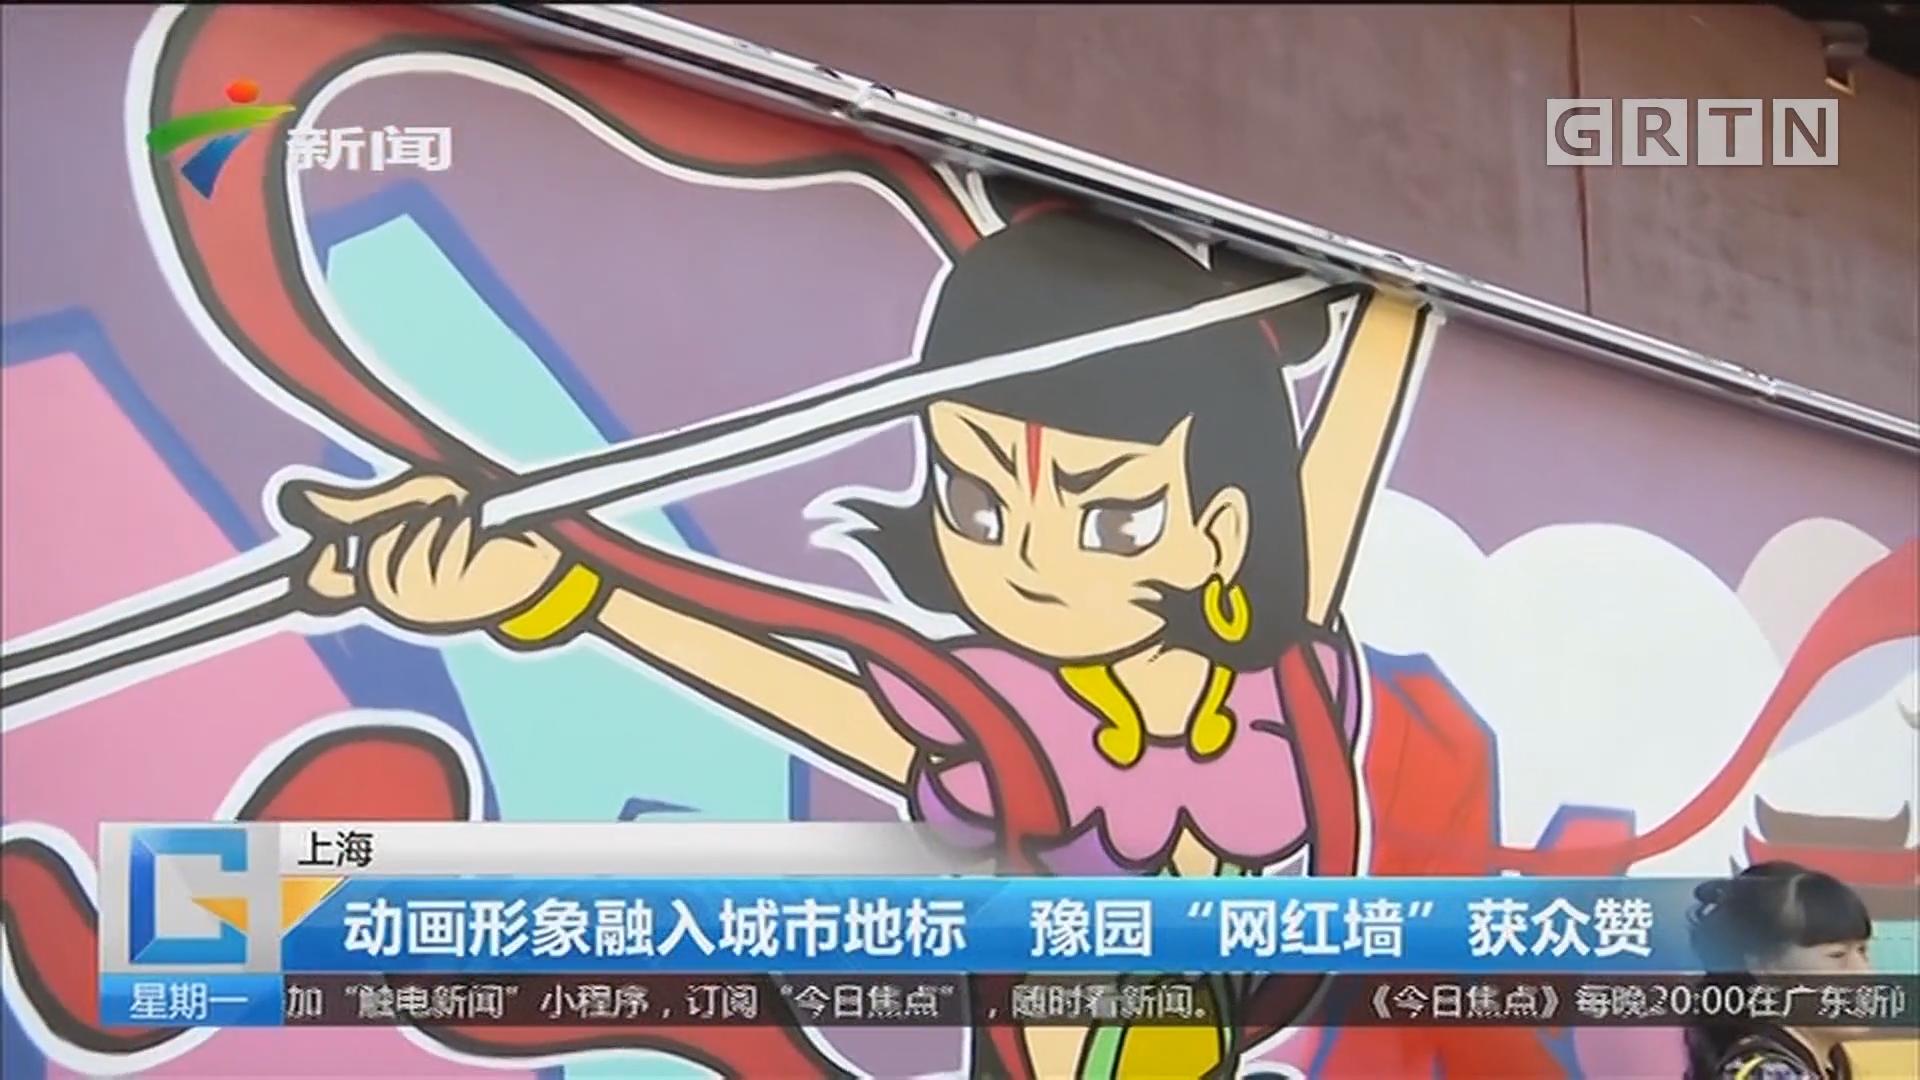 """上海:动画形象融入城市地标 豫园""""网红墙""""获众赞"""